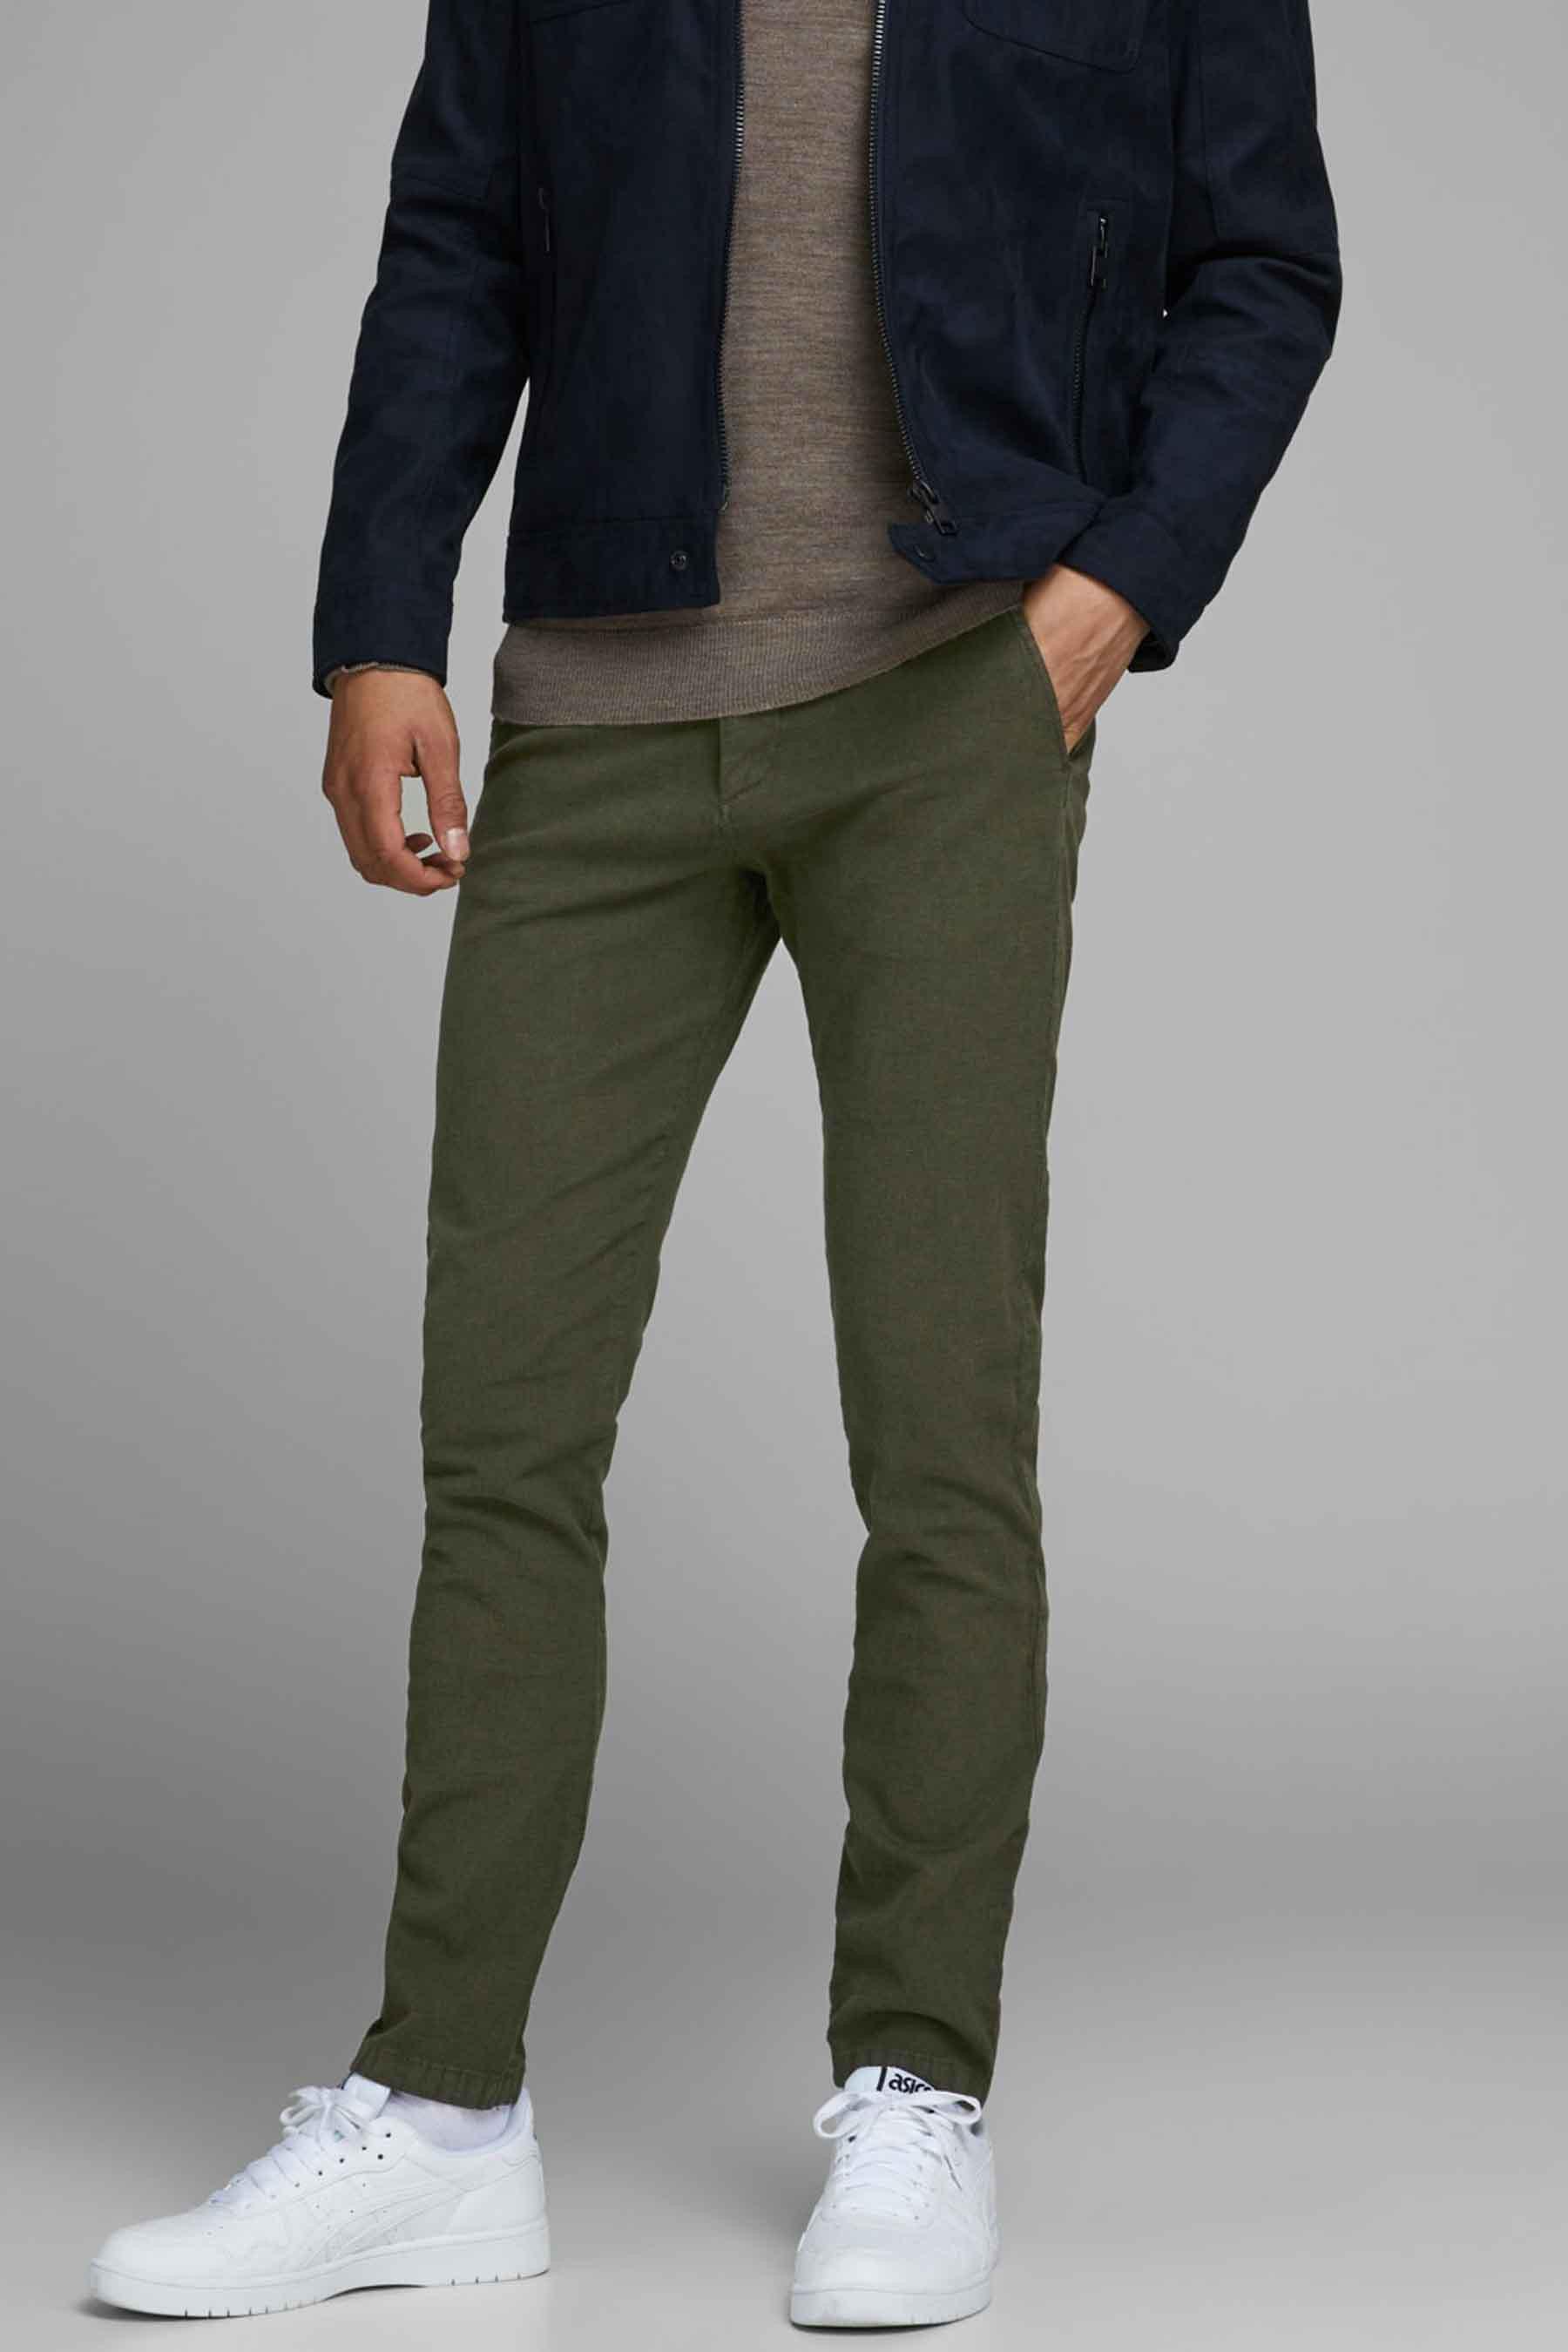 Jack & Jones Jeans Intelligenc Colorbroek, Olive, Heren, Maat: 28x34/29x34/34x34